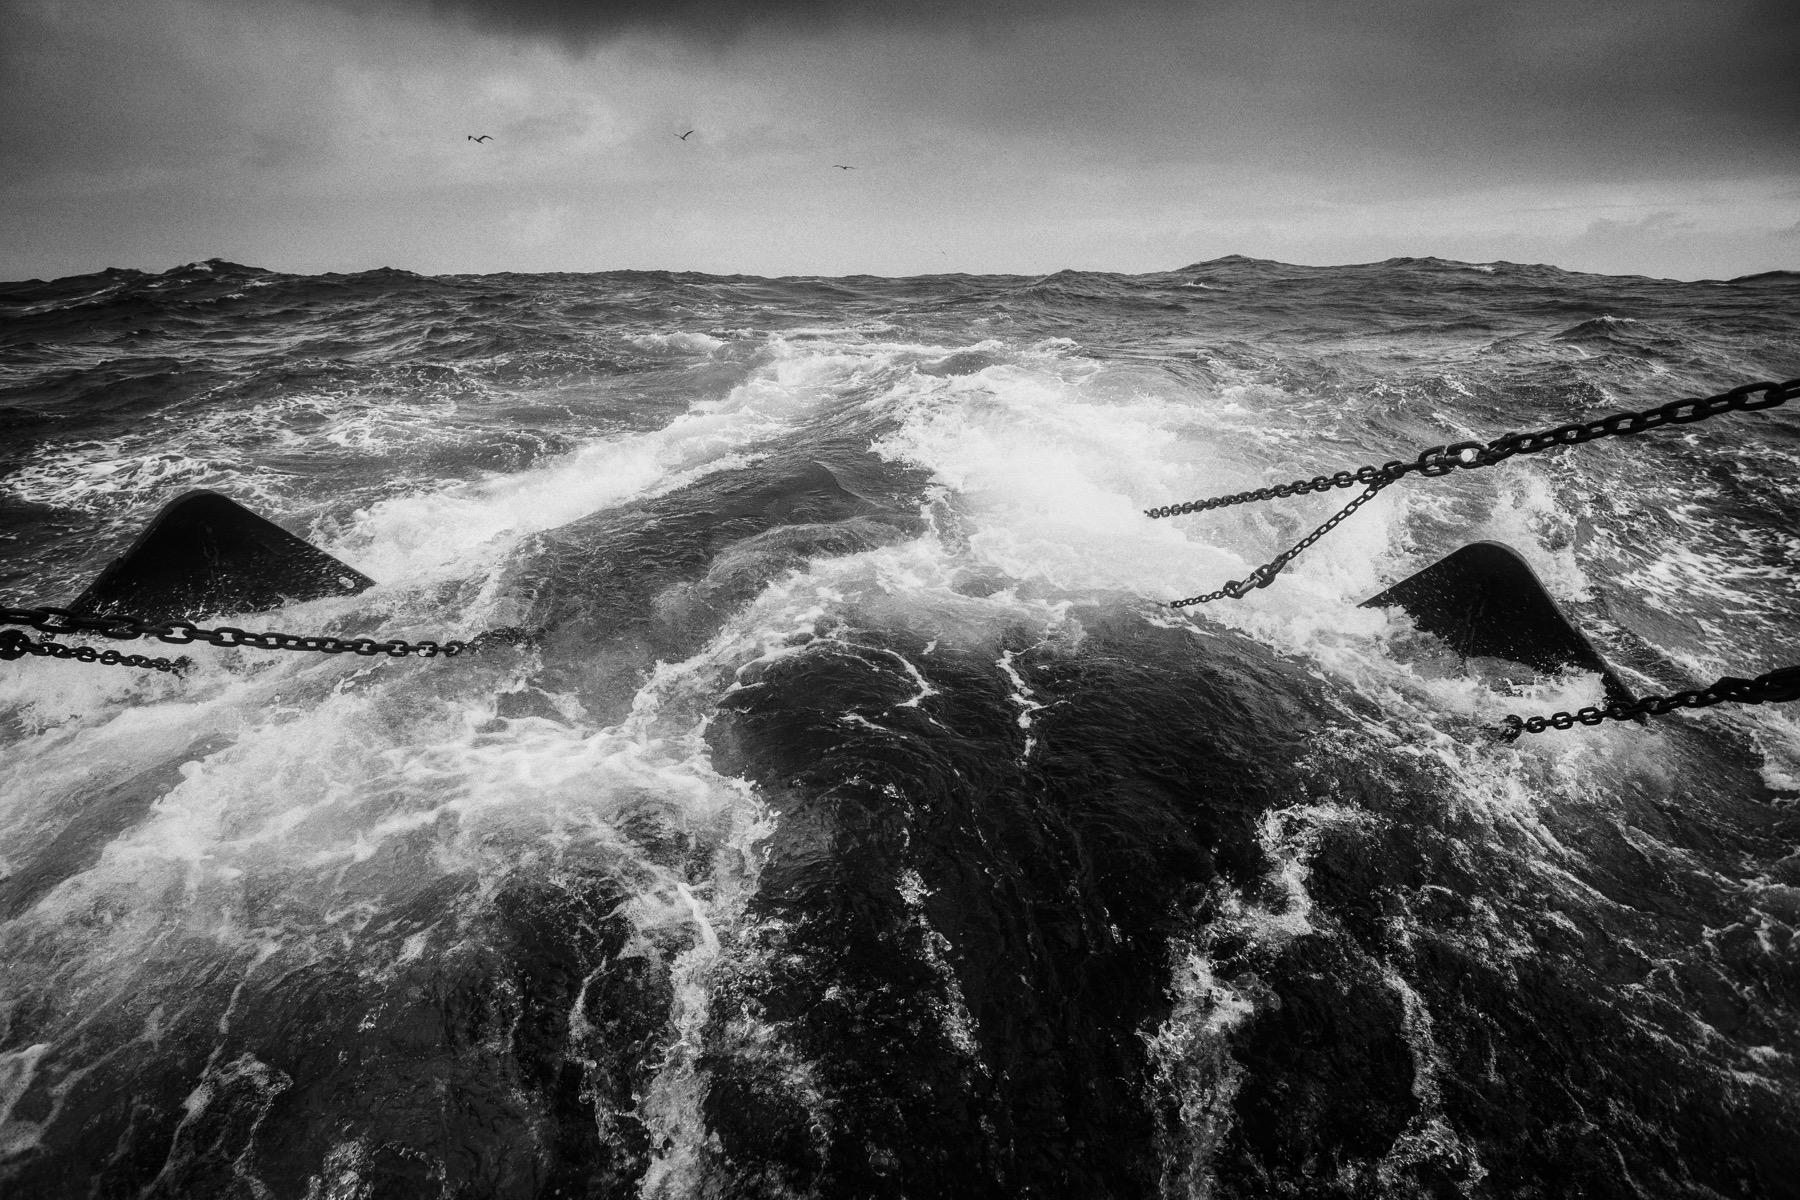 Marée à bord du chalutier Bara Zur, Atlantique Nord – Mer d'Iroise